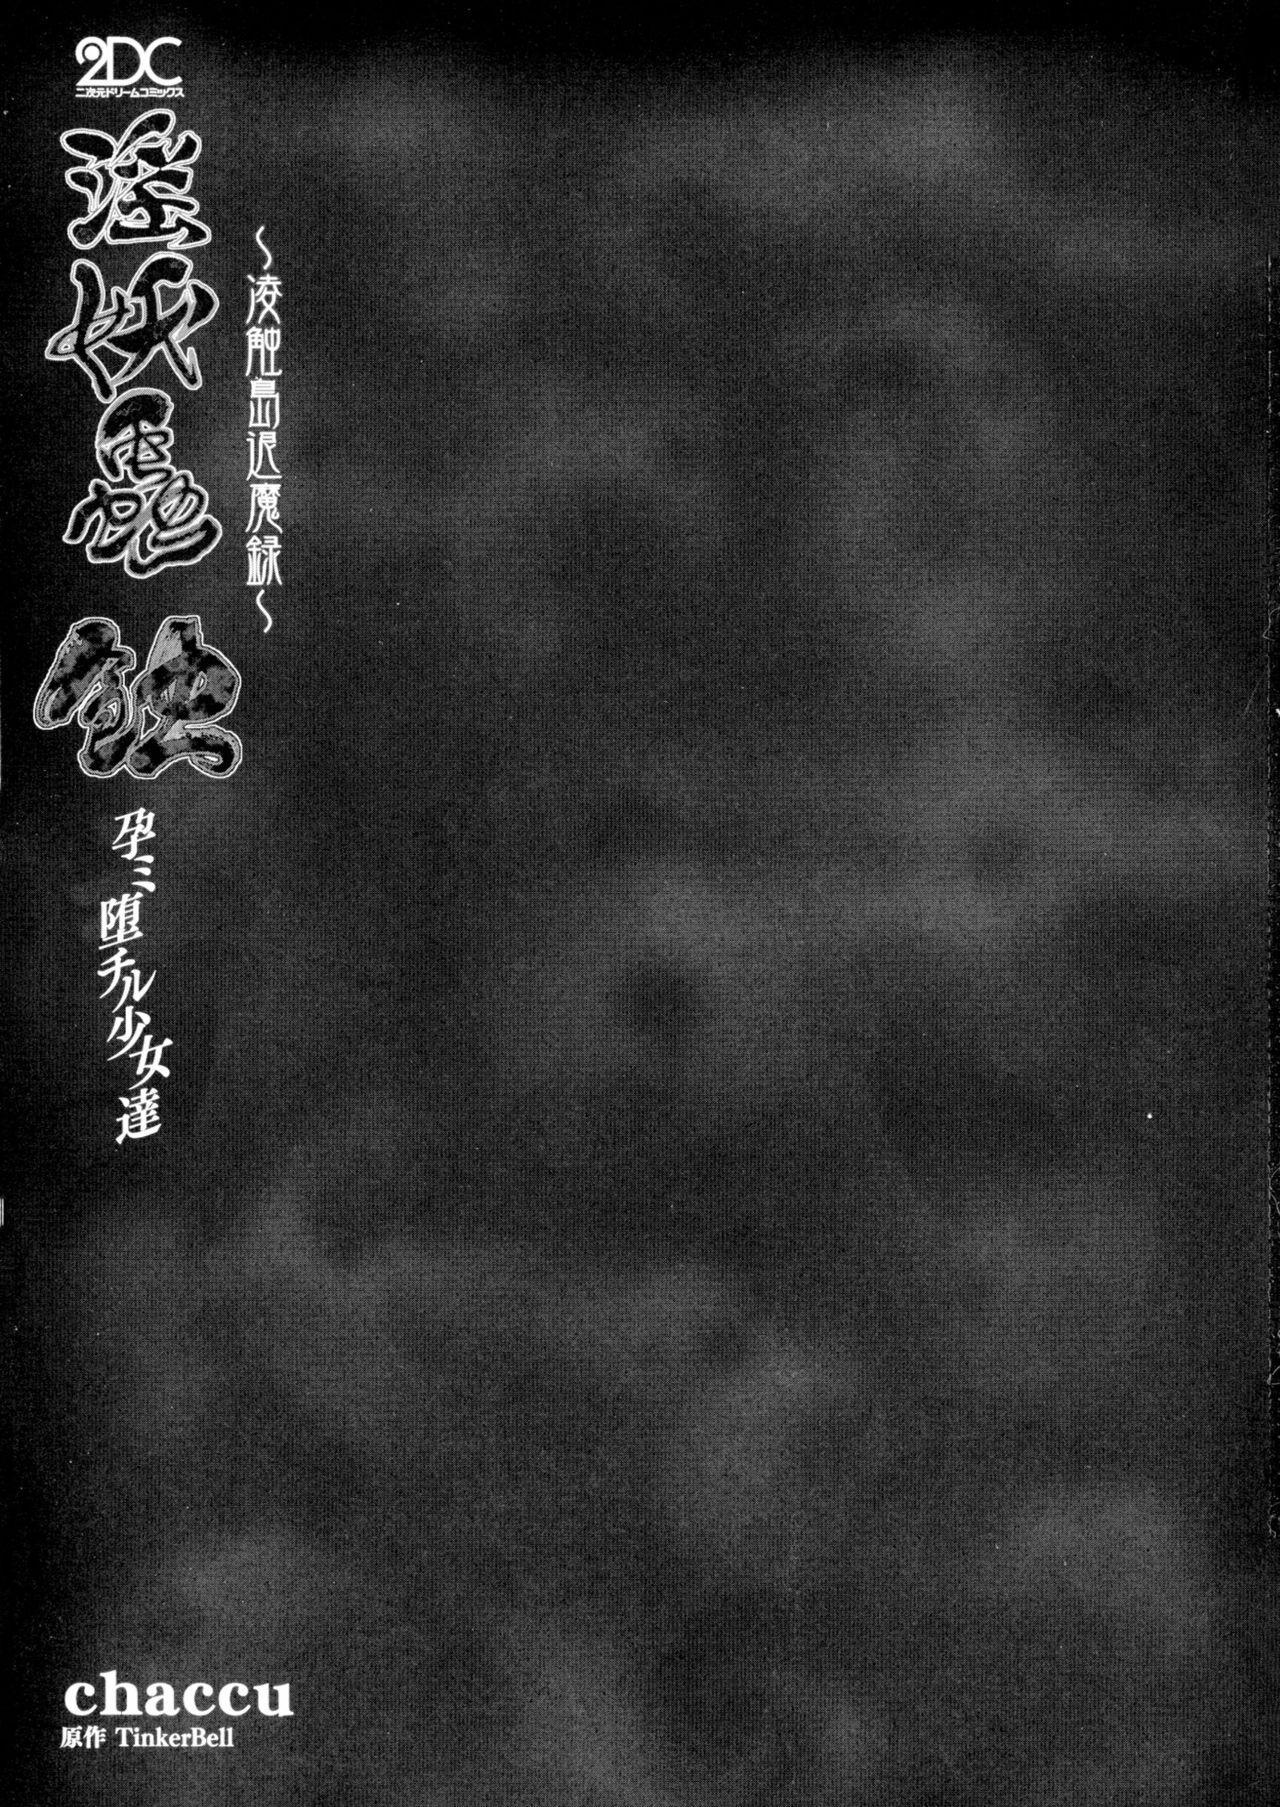 [chaccu, TinkerBell] Inyouchuu Shoku ~Ryoushokutou Taimaroku~ Harami Ochiru Shoujo-tachi [English] [progste] 2